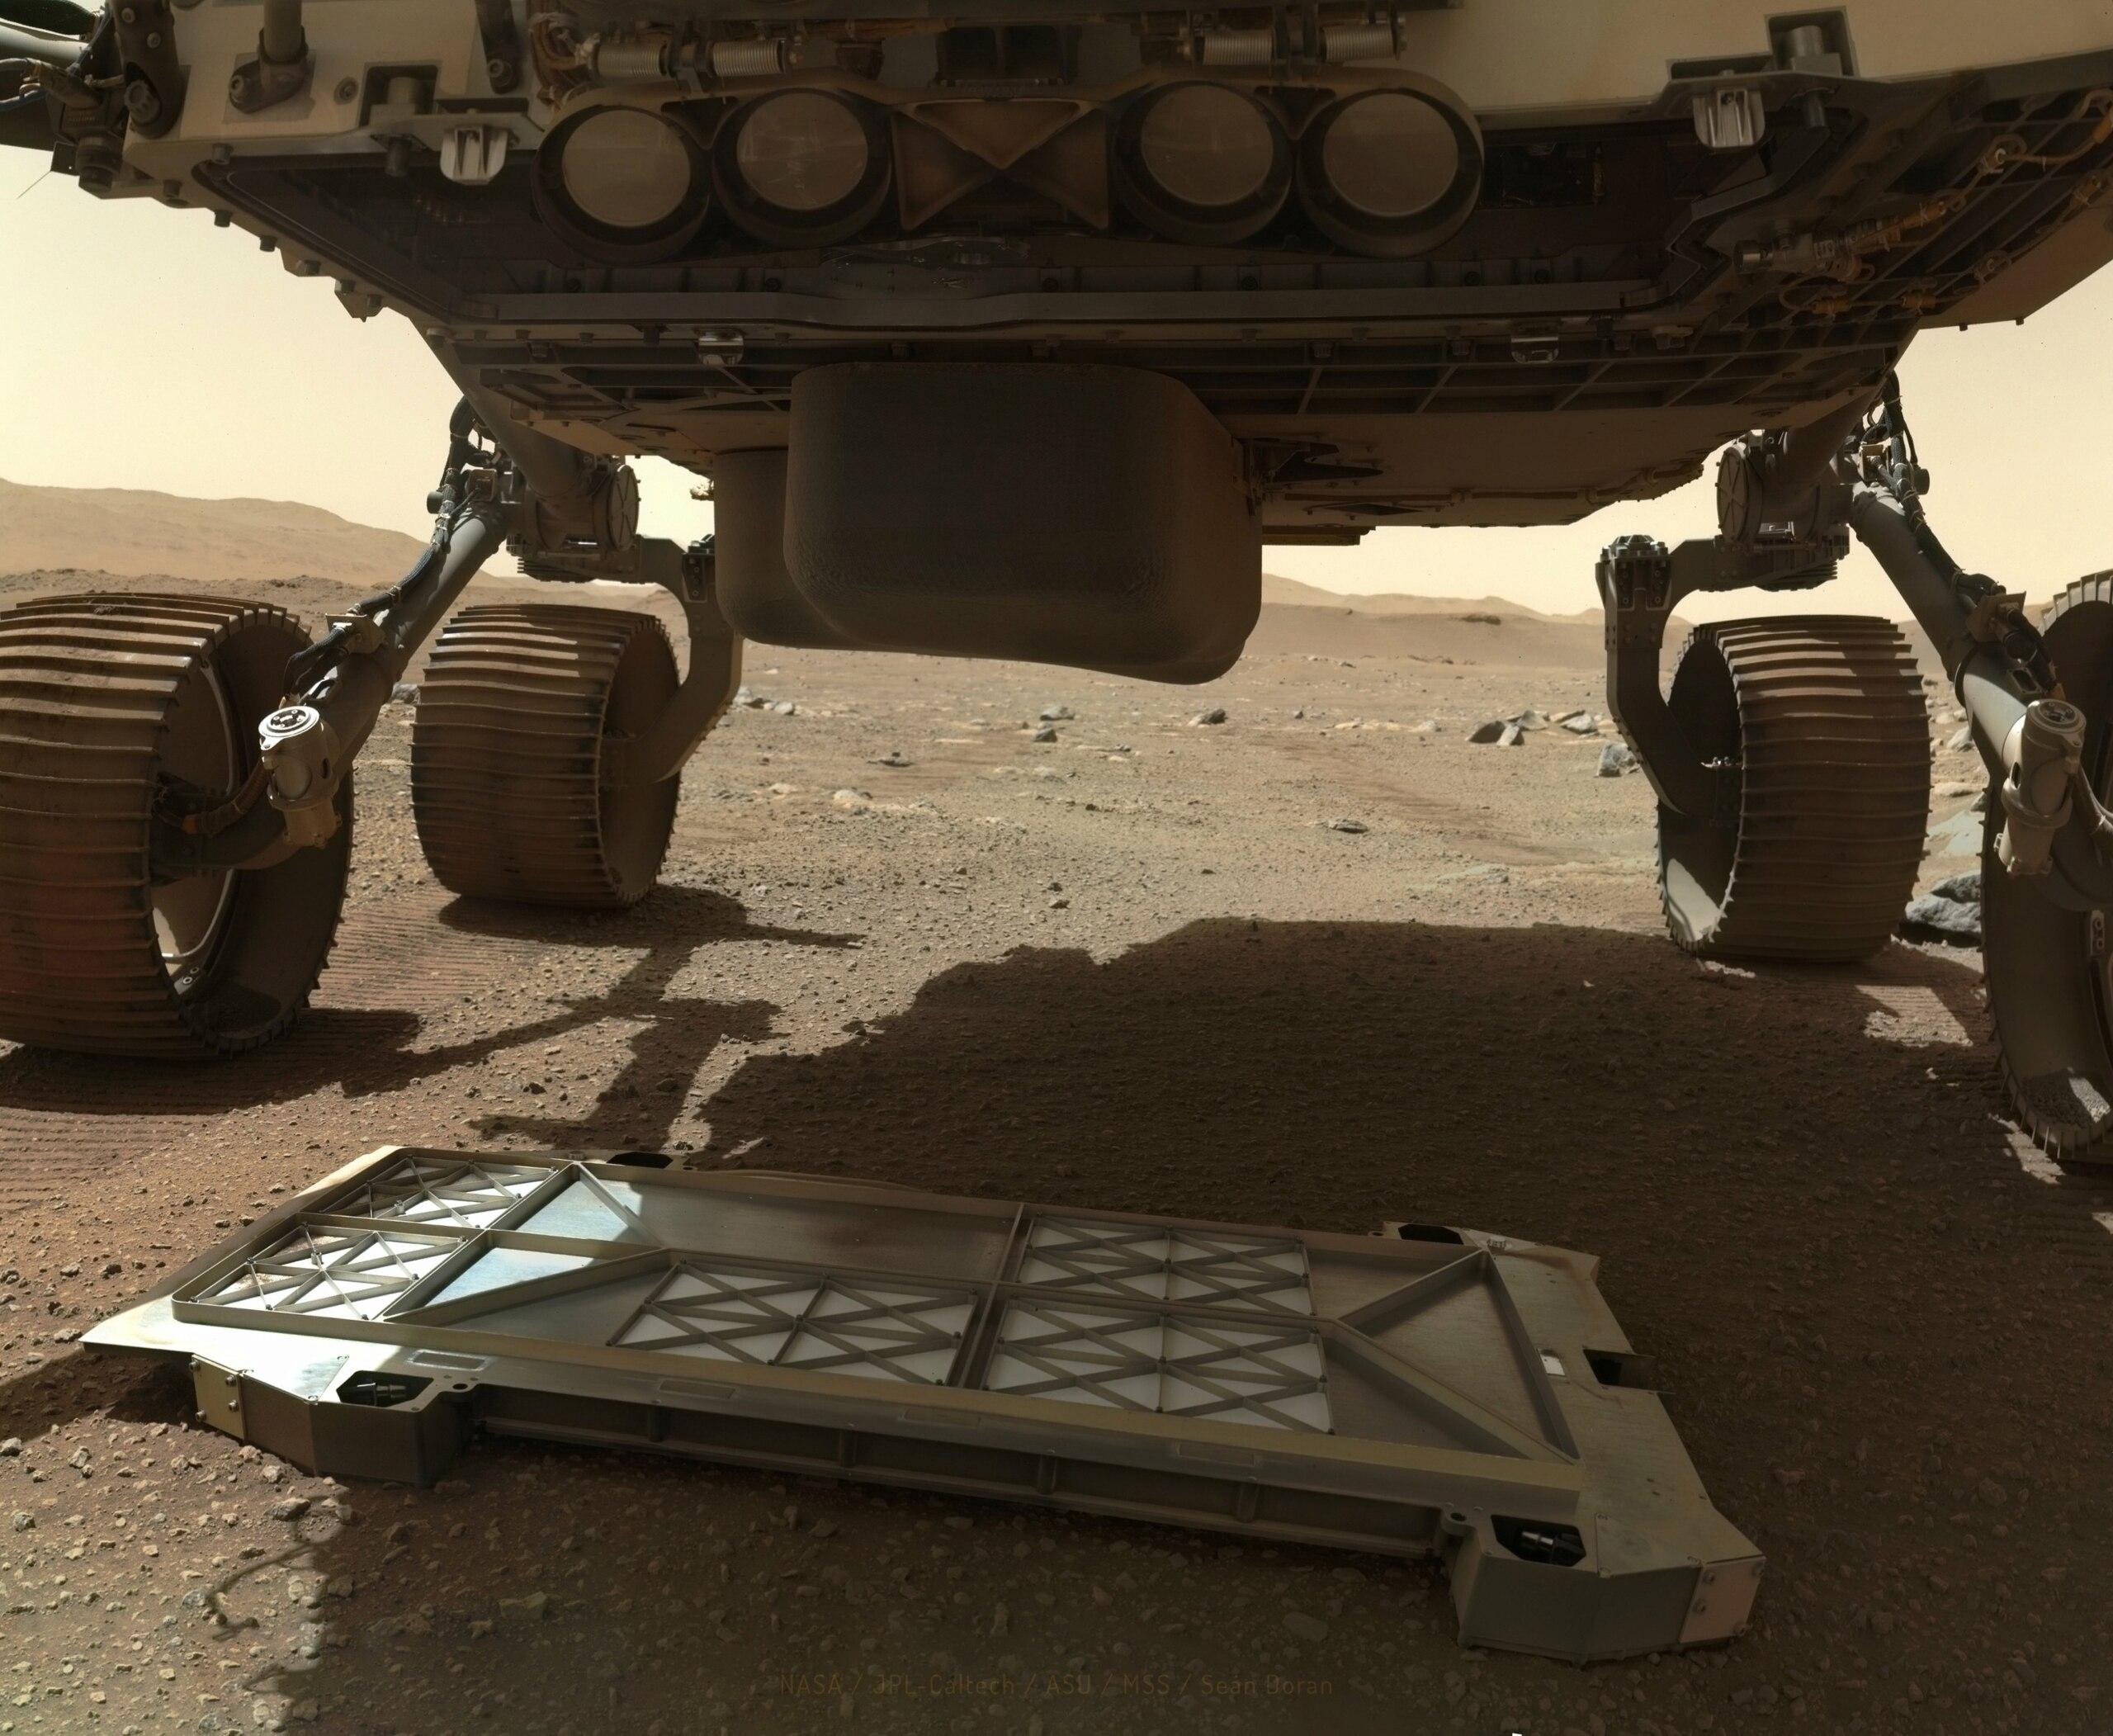 Mars 2020 (Perseverance) : exploration du cratère Jezero - Page 6 11847